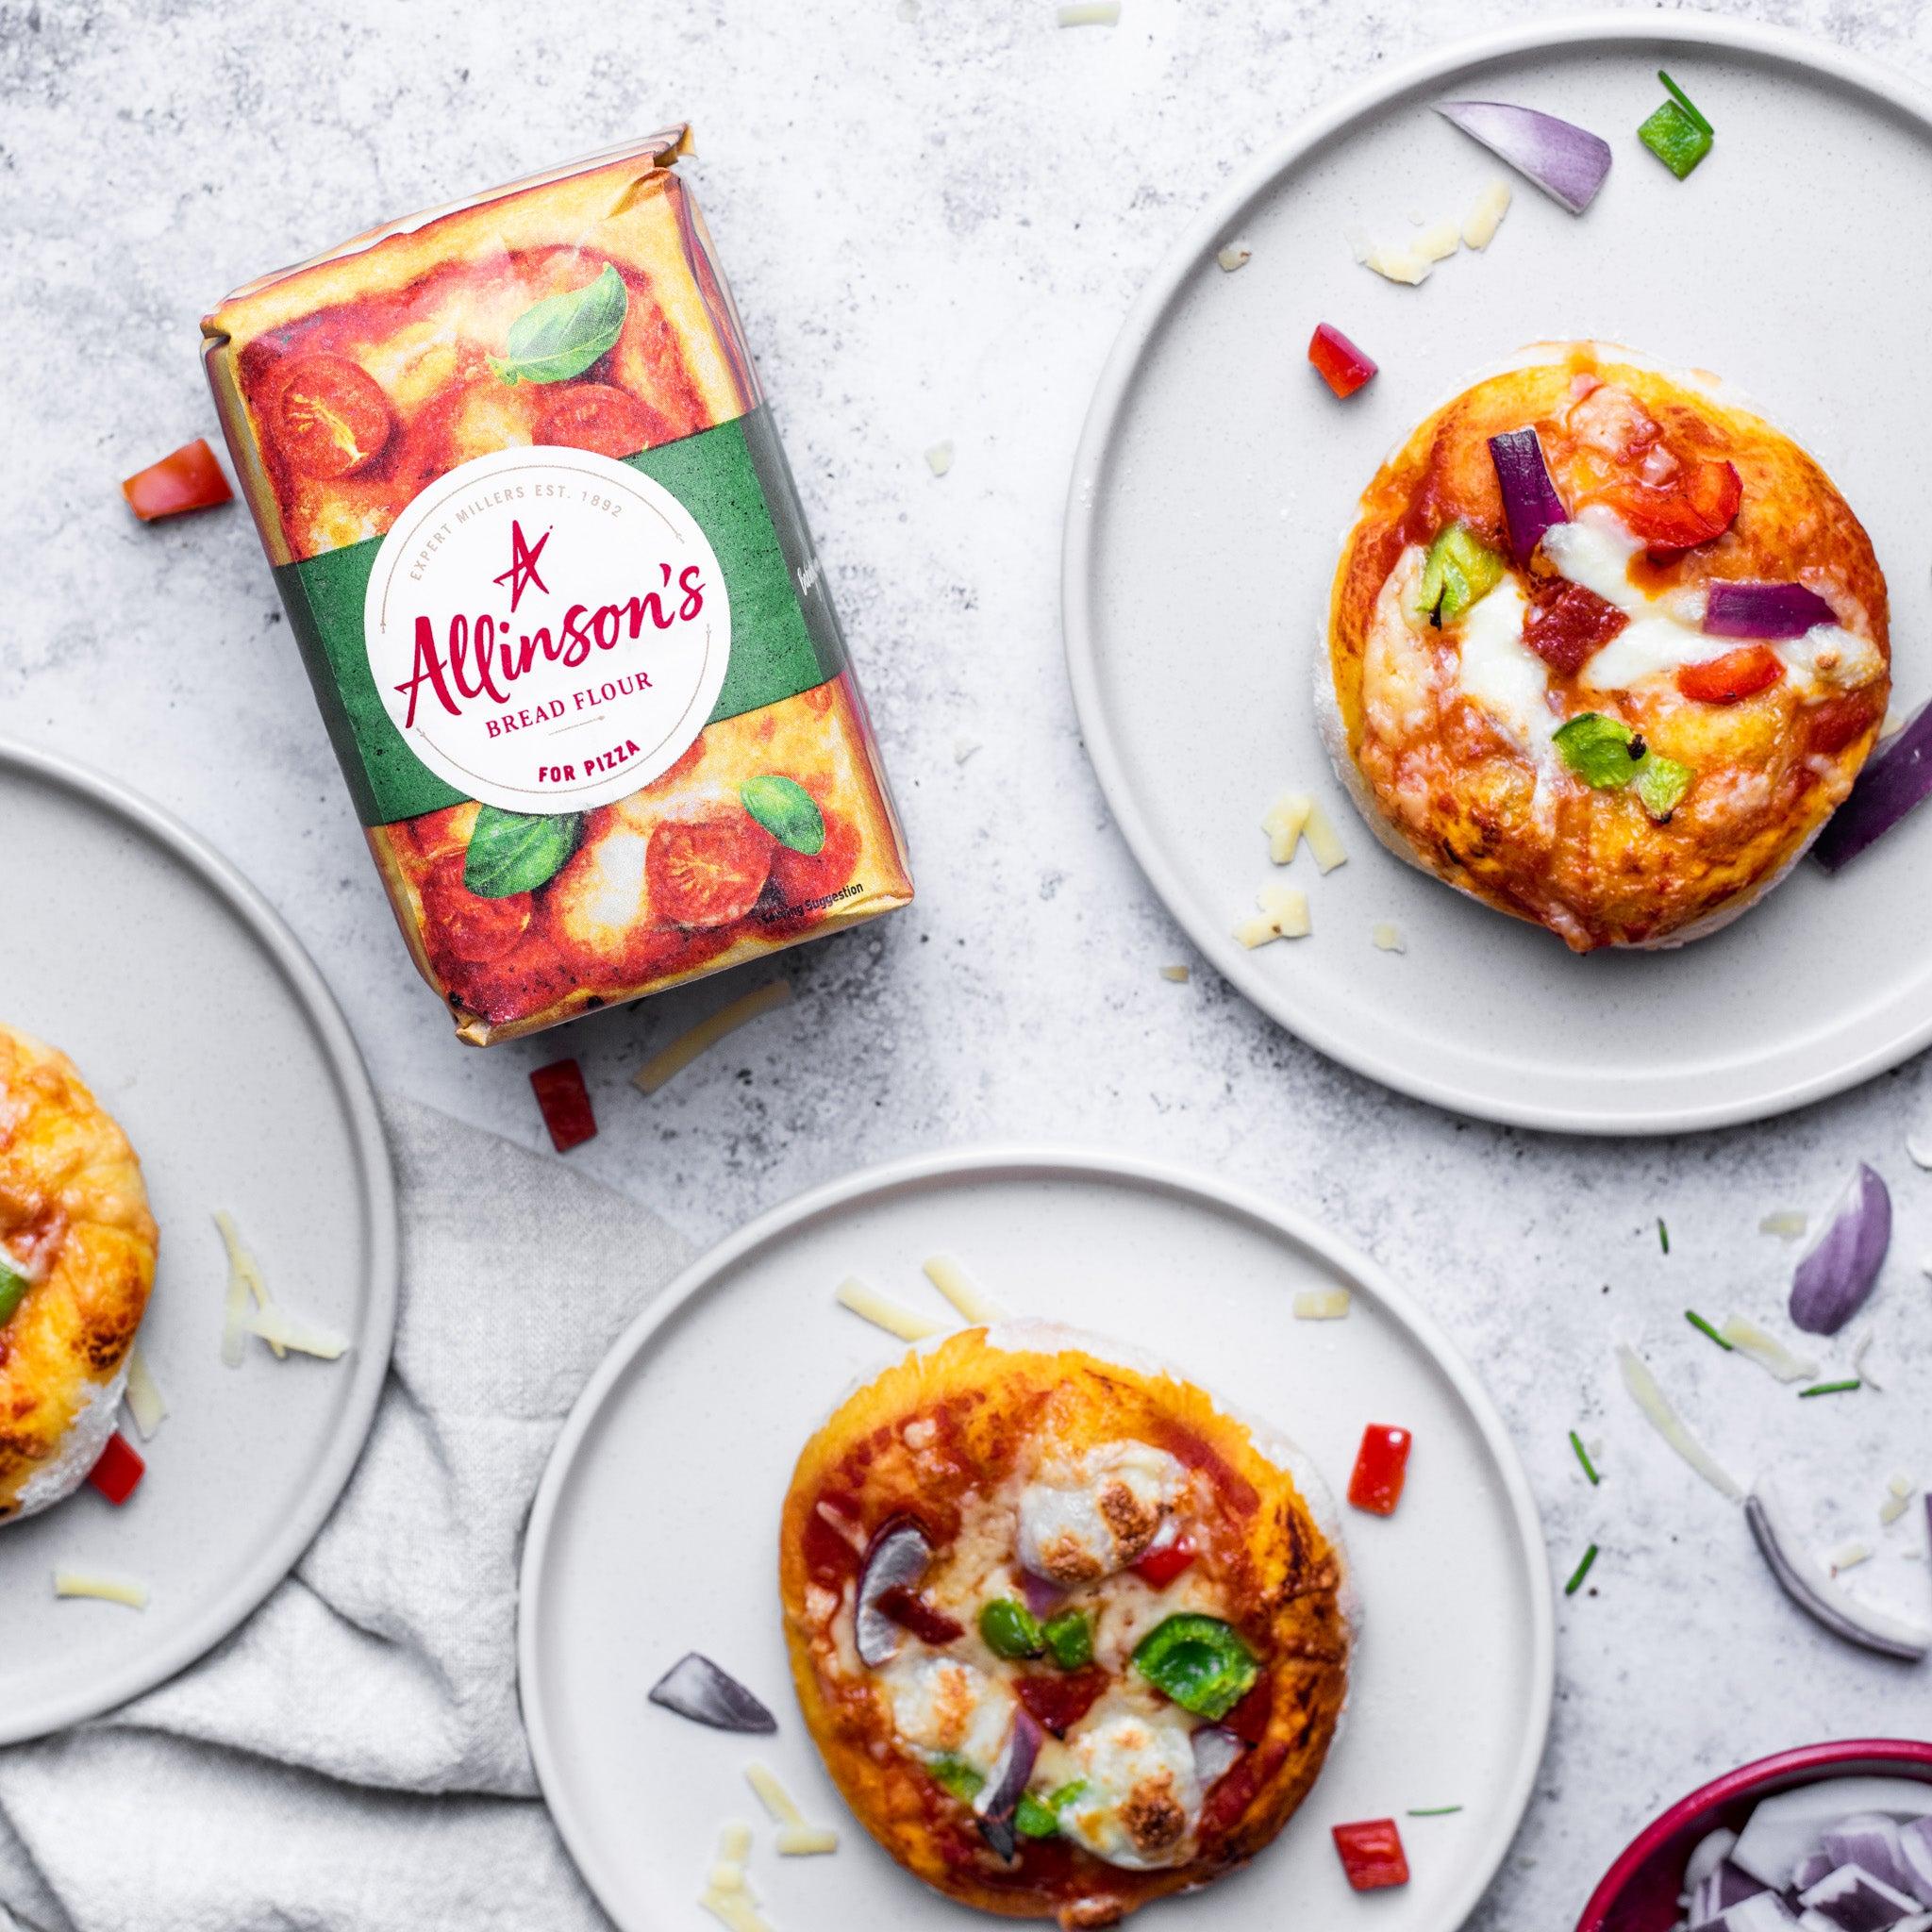 Allinsons-Stuffed-Mini-Pizzas-1-1-Baking-Mad-1.jpg